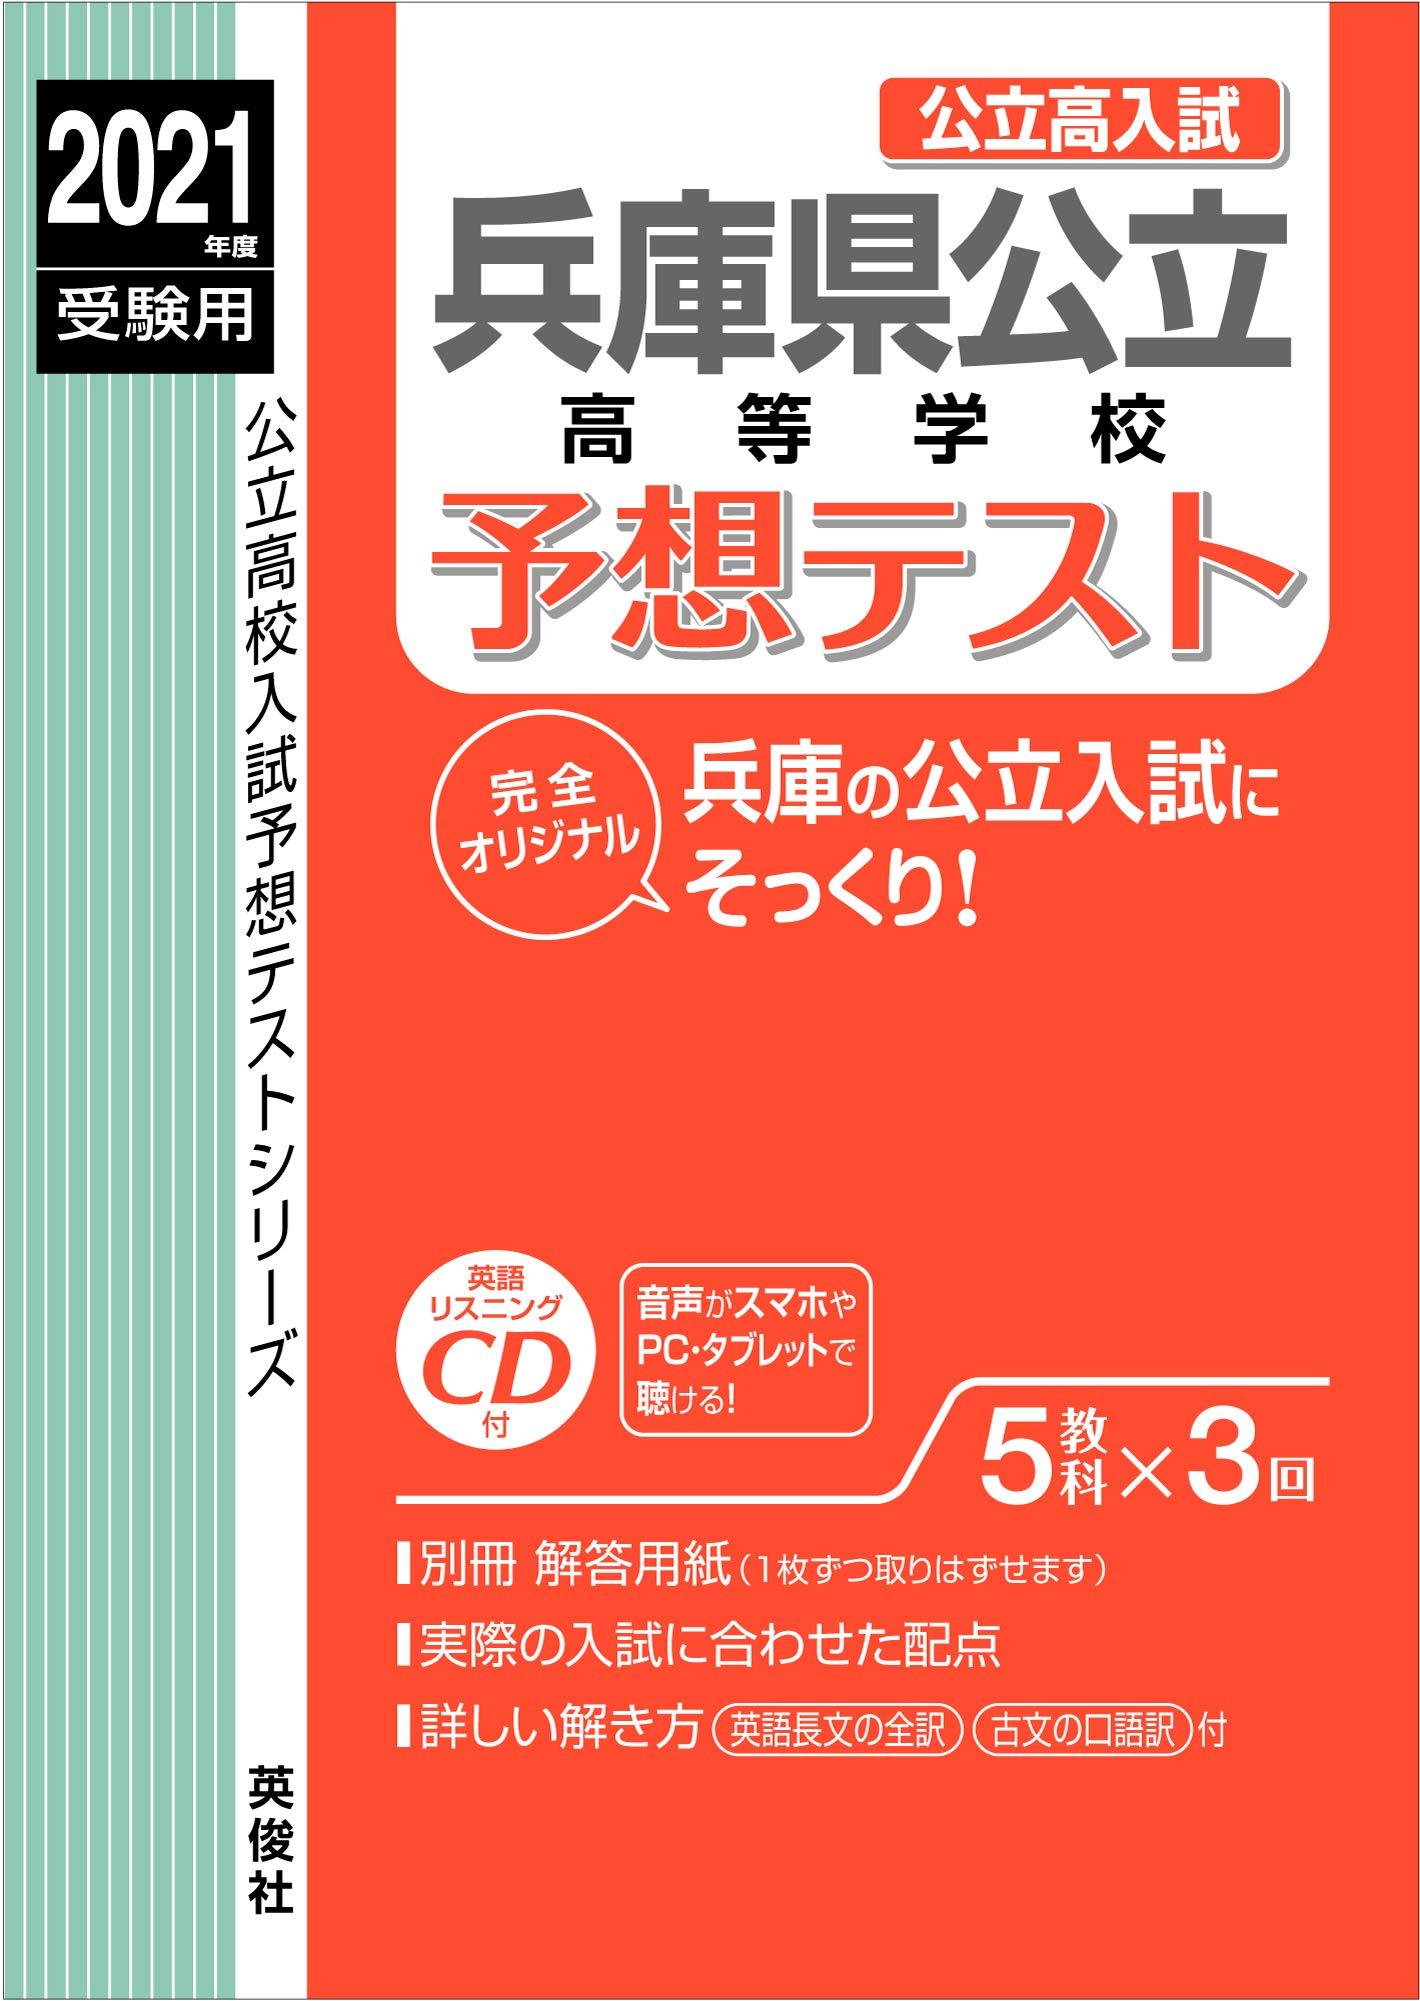 兵庫 県 高校 入試 2021